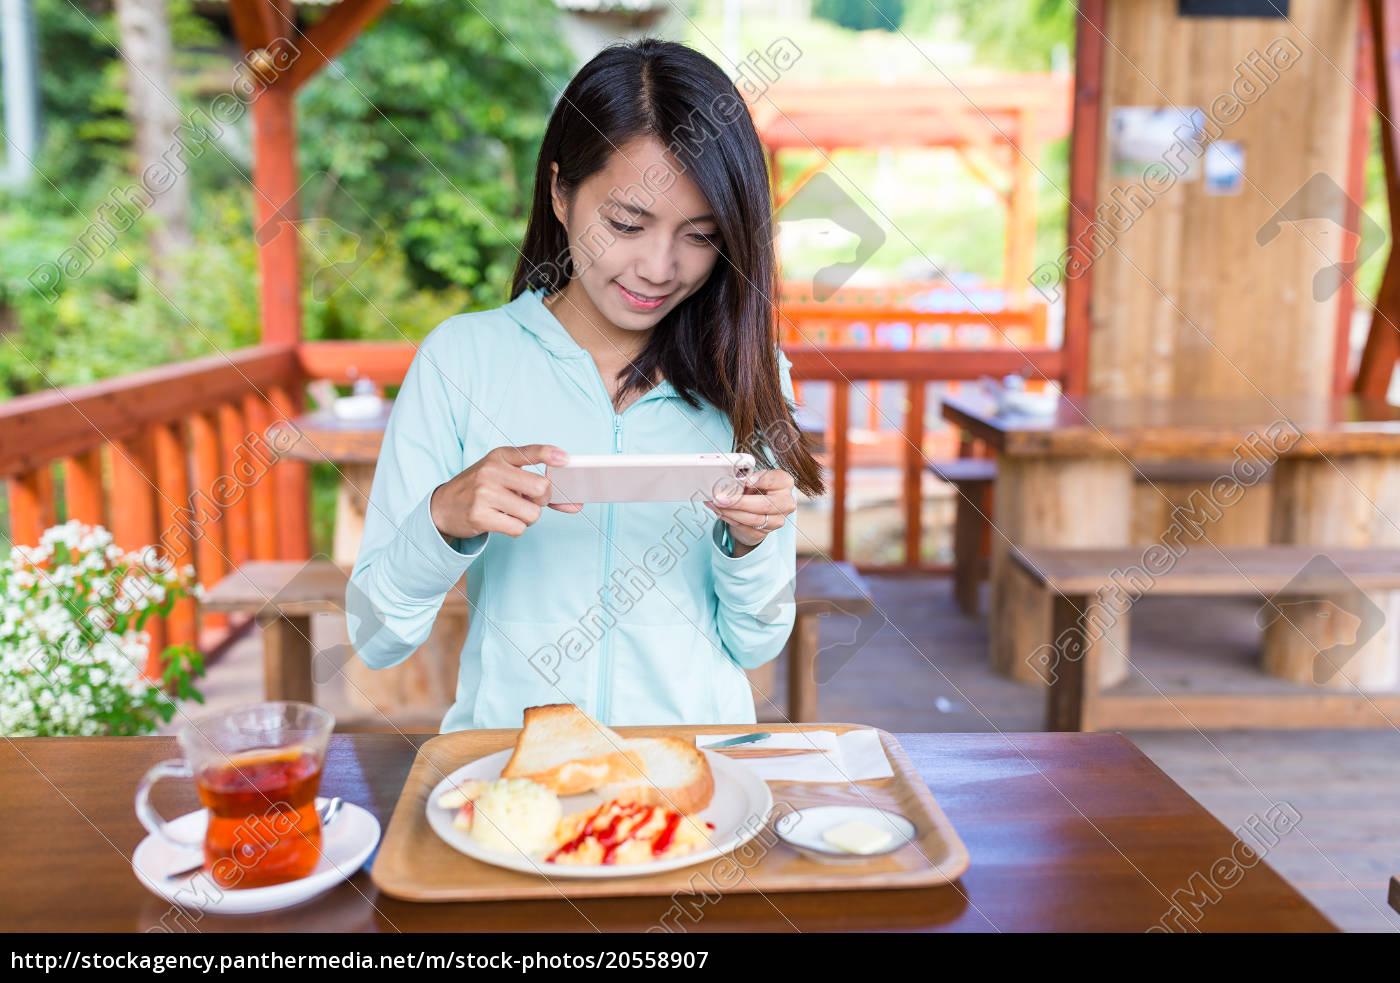 woman, taking, photo, on, her, breakfast - 20558907